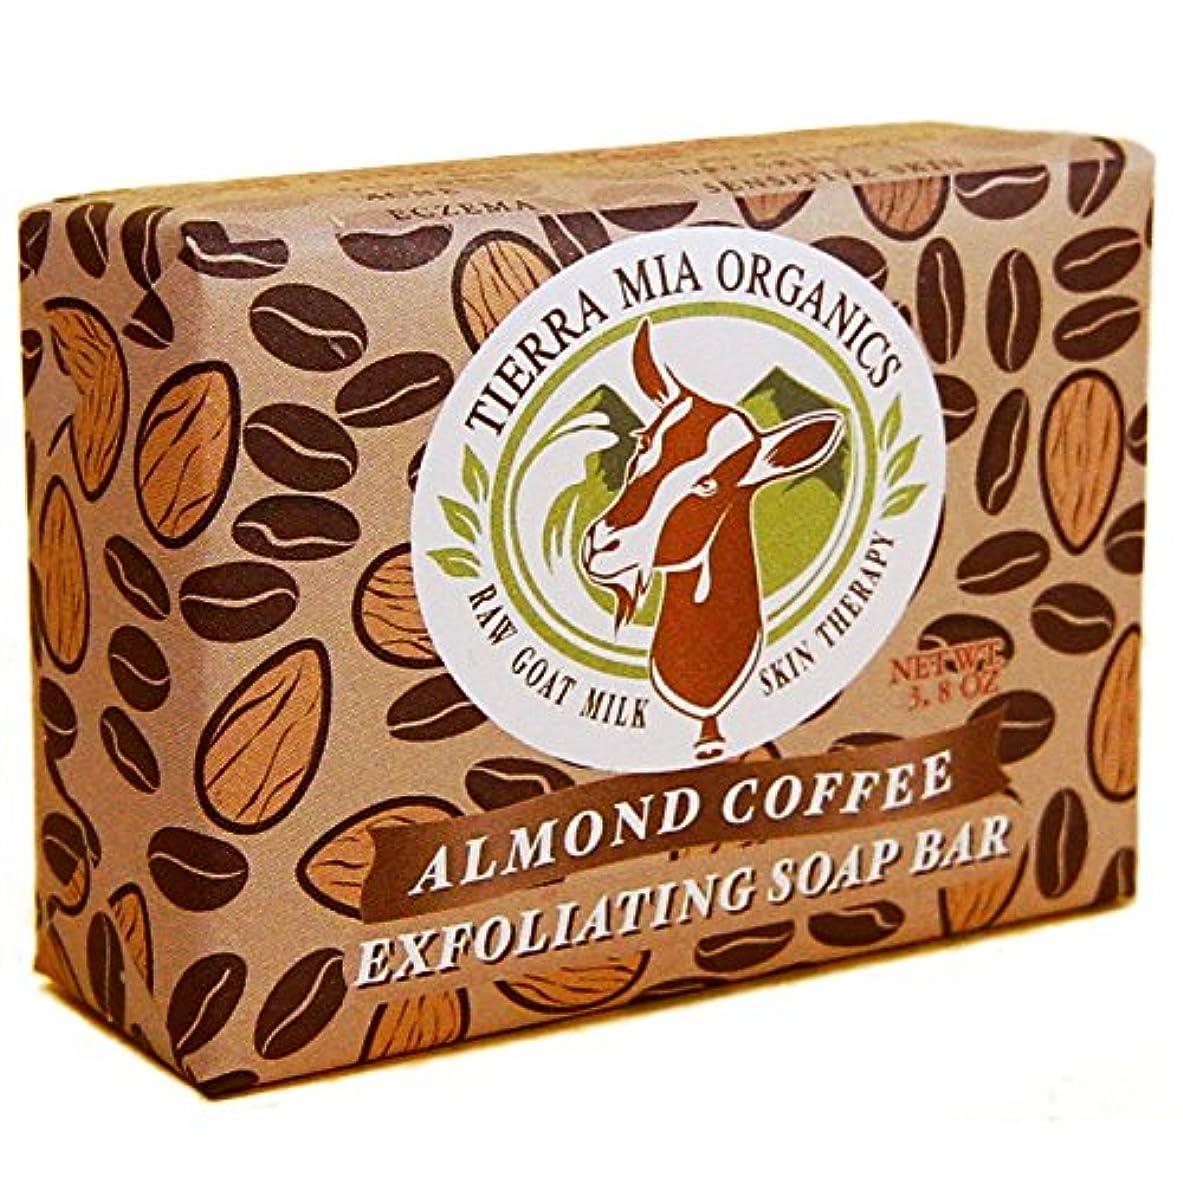 意図的気味の悪いコショウTierra Mia Organics, Raw Goat Milk Skin Therapy, Exfoliating Soap Bar, Almond Coffee, 3.8 oz